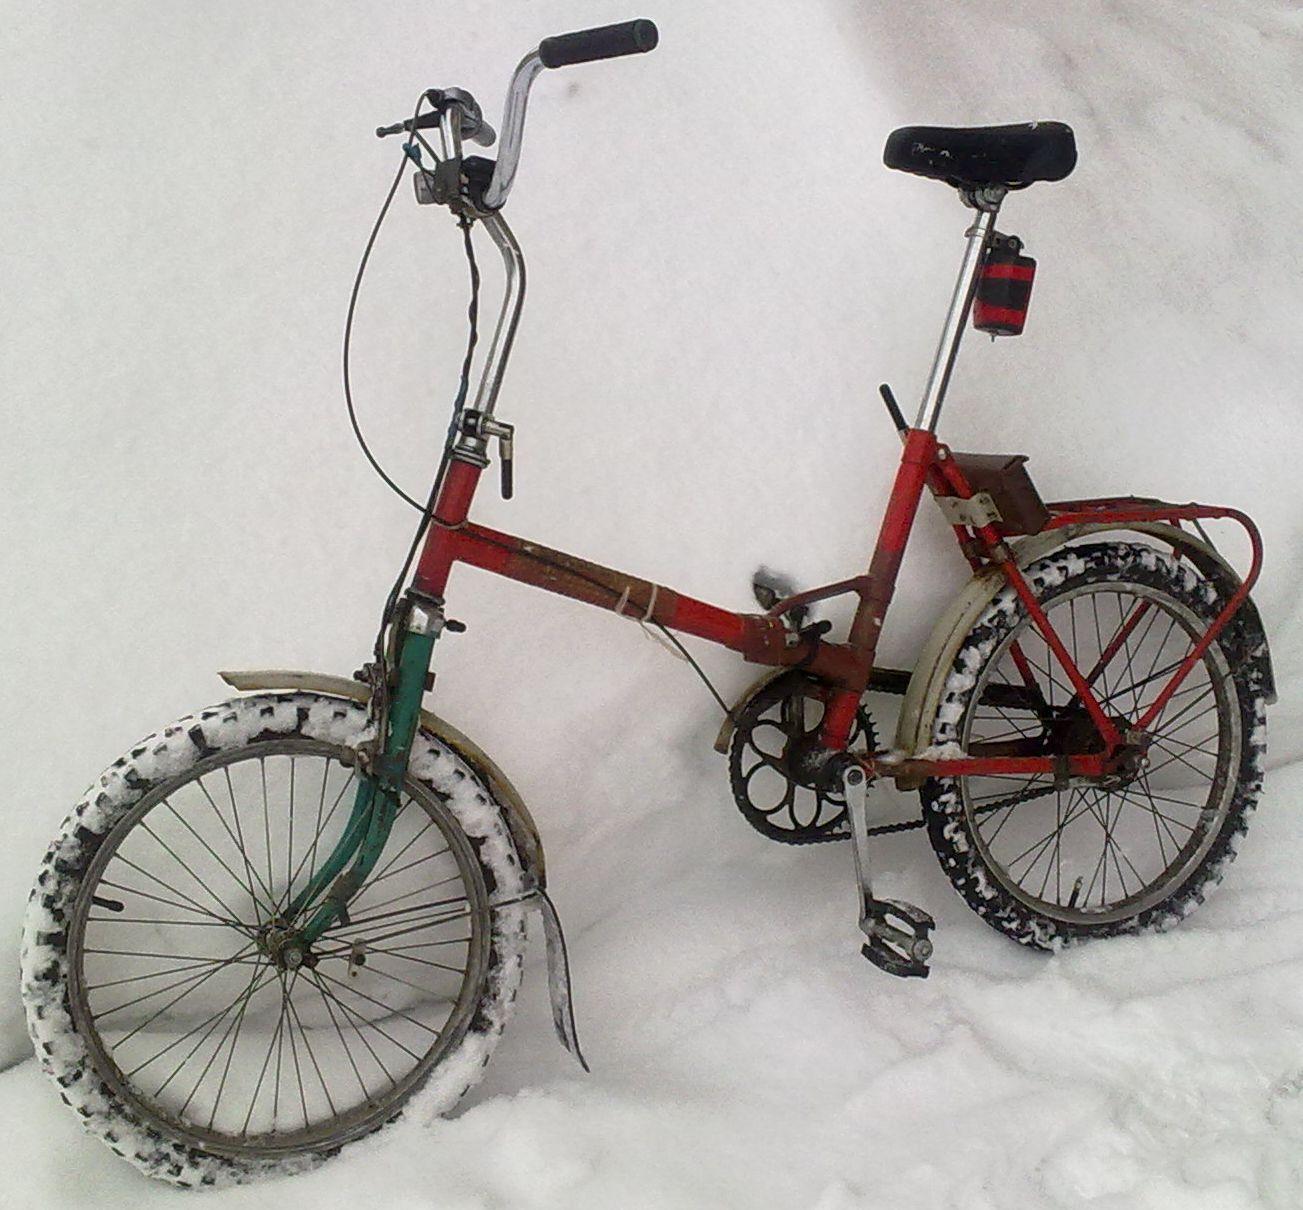 Тюнинг велосипеда аист своими руками 43